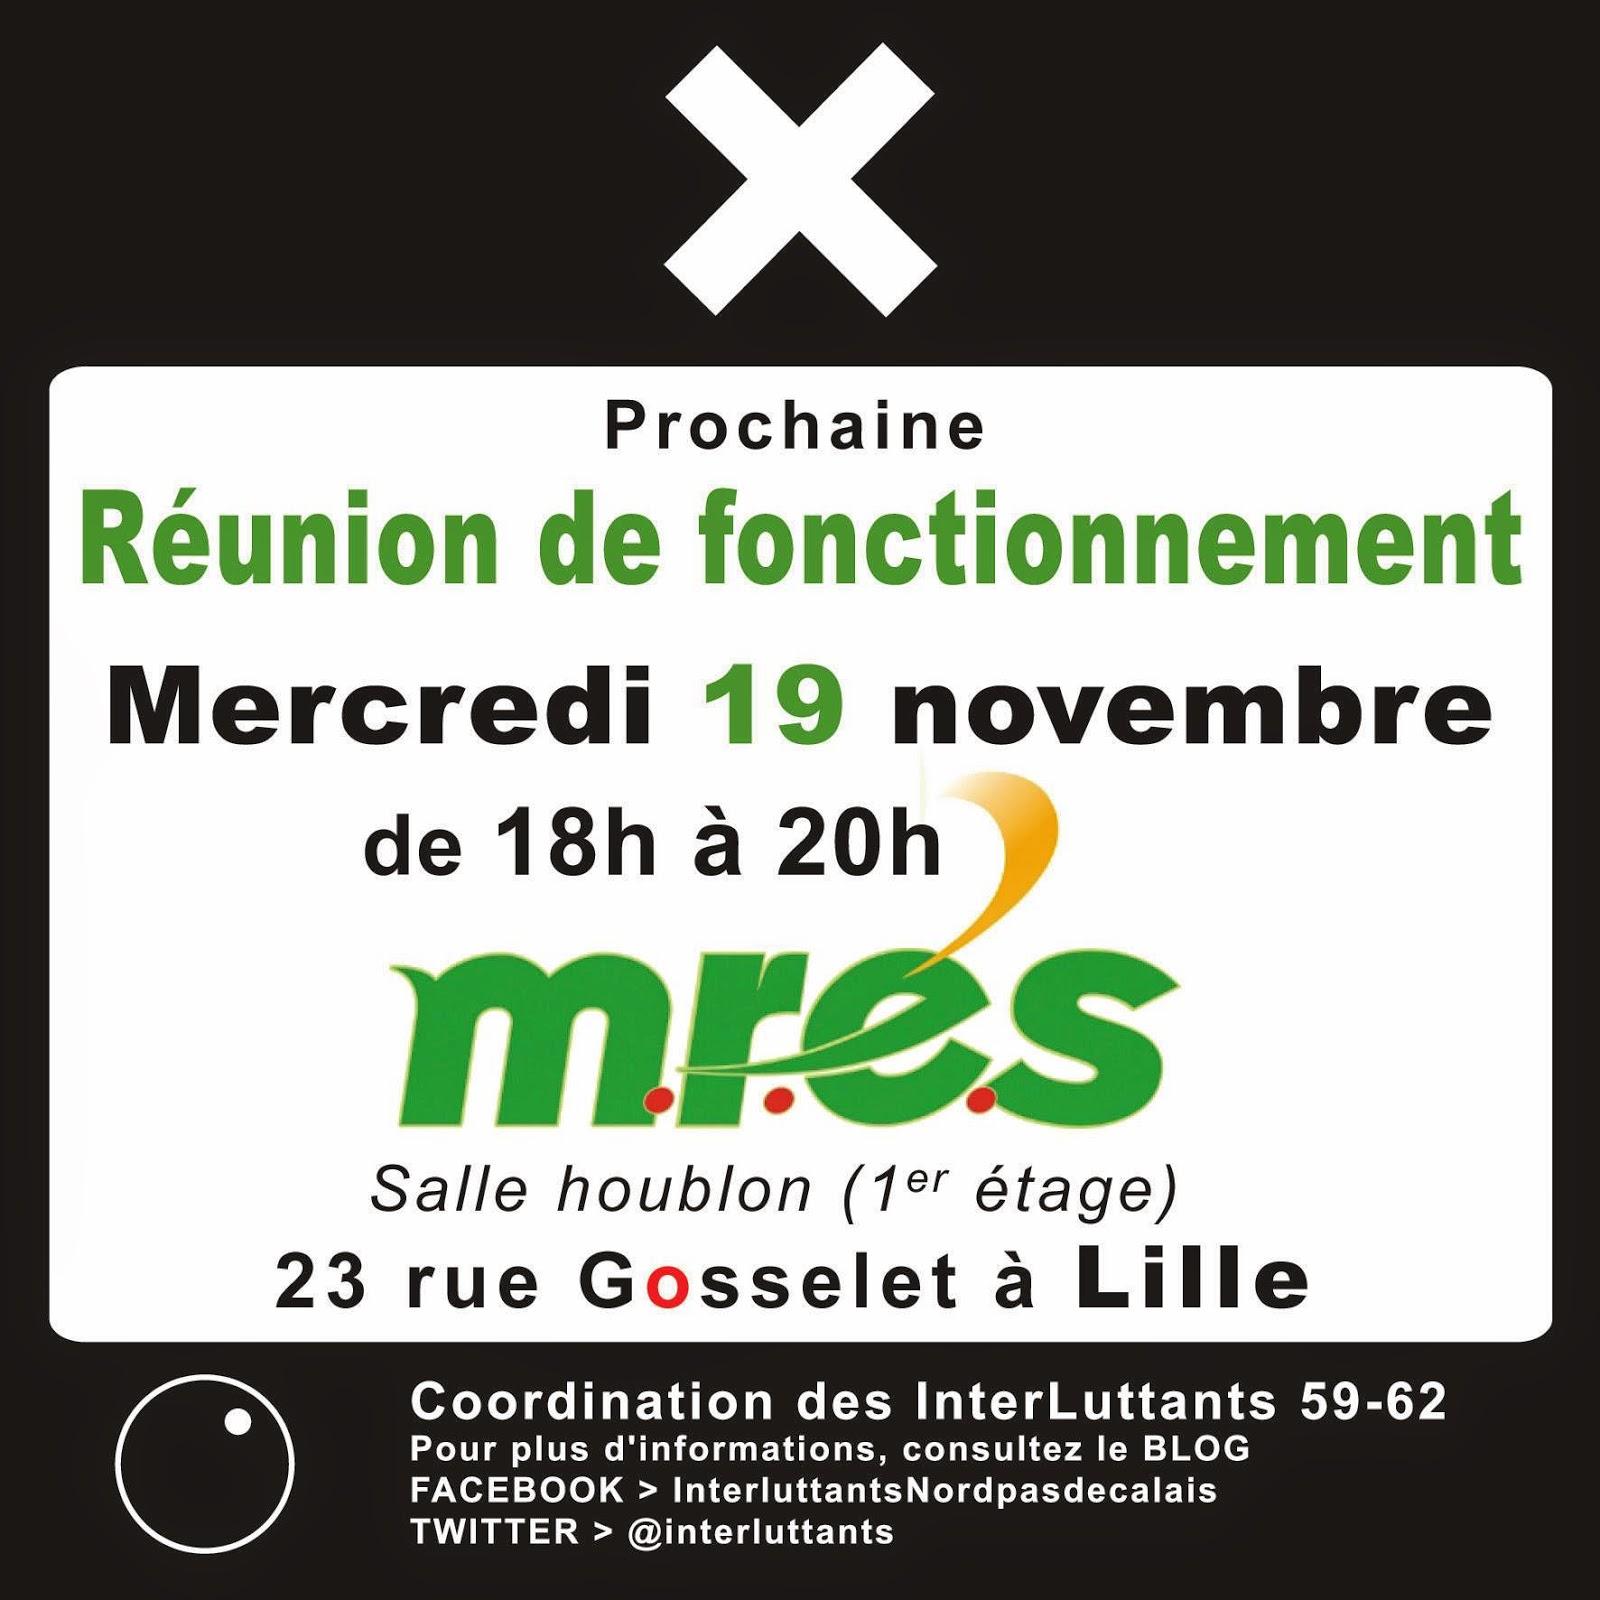 Réunion de fontionnement - Coordination interluttants 59-62 - le 19/11/14, de 18h à 20h - Mres